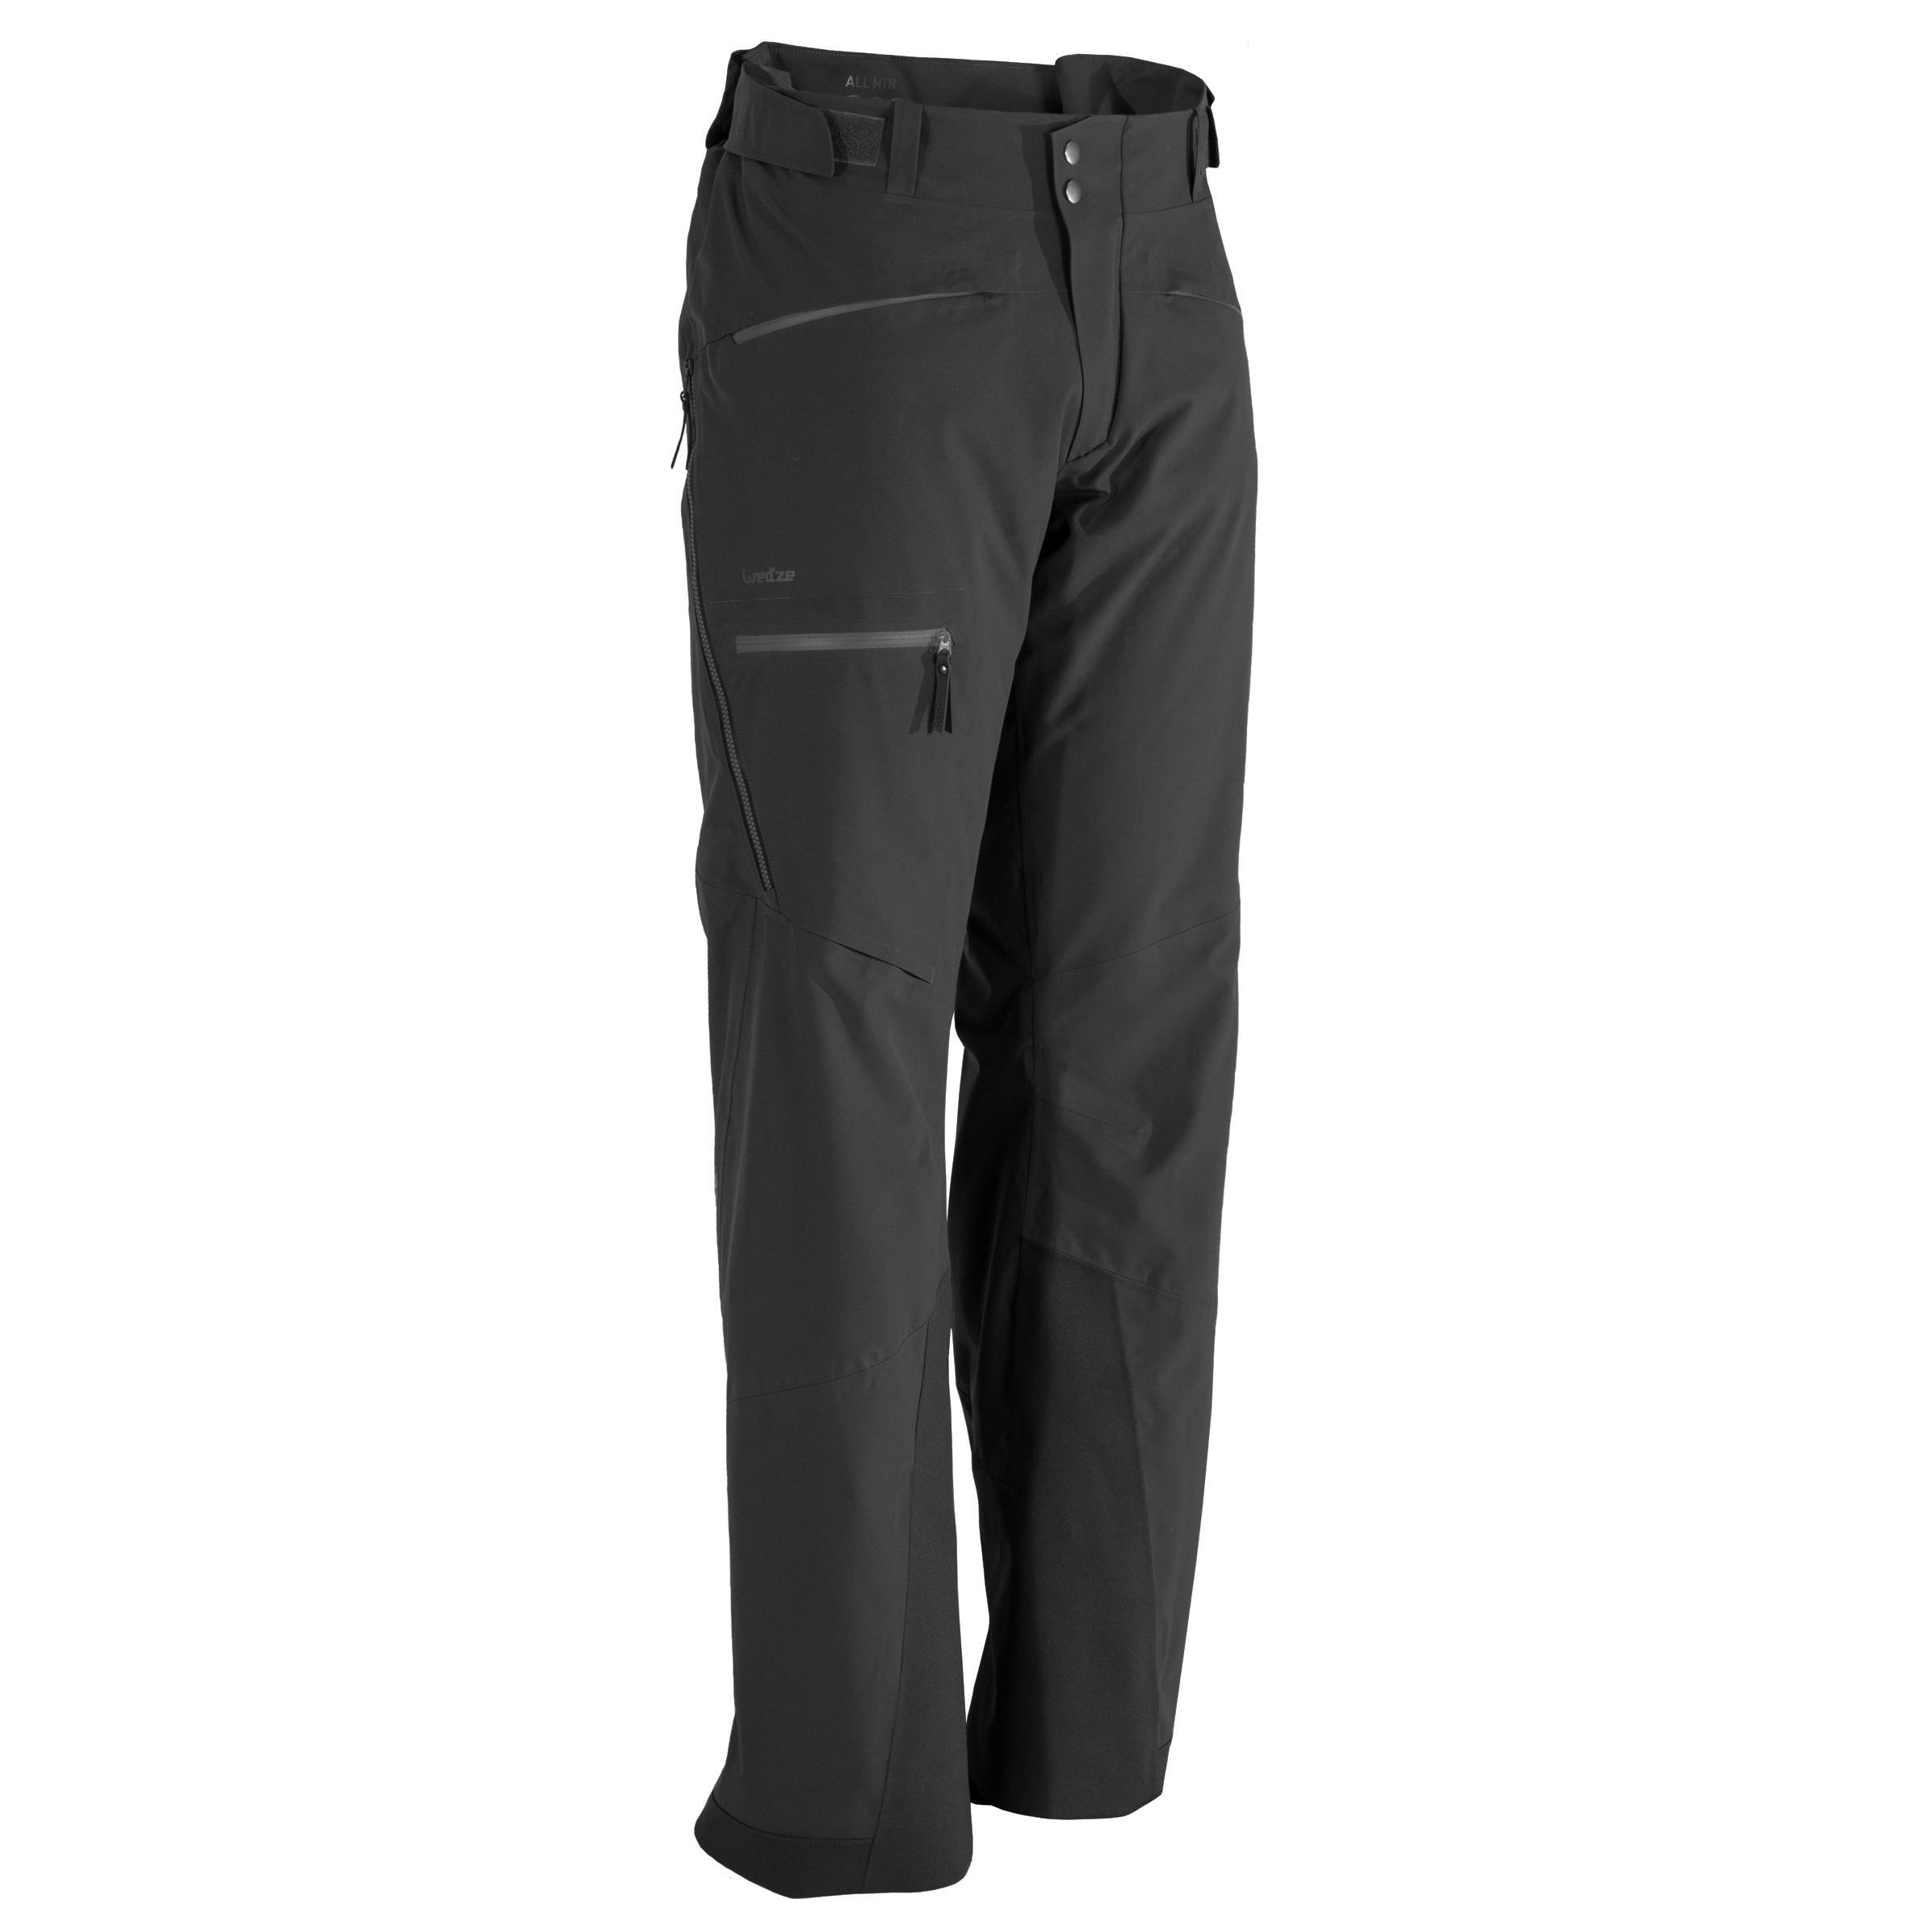 AM900 Men's All Mountain Ski Pants